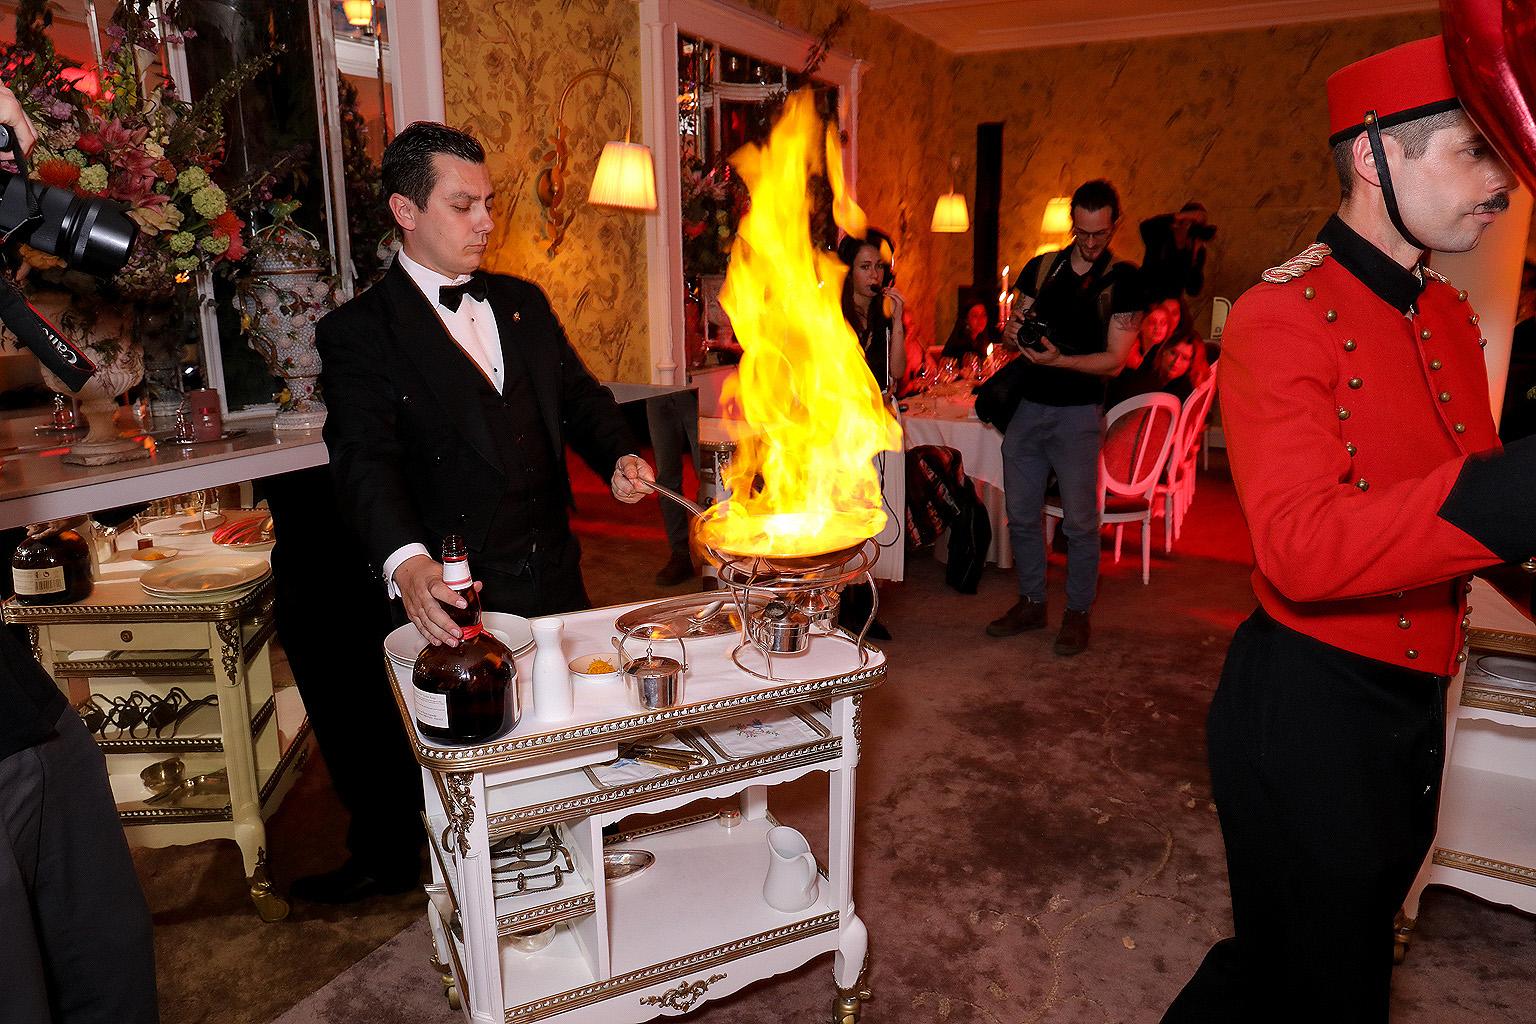 La cena empieza con trufas negras y alcachofas y culminó con crepas hechas al momento con licor y ralladura de naranjas. Fotos Paul Blind, Francois Goizé, Valentin Lecron.